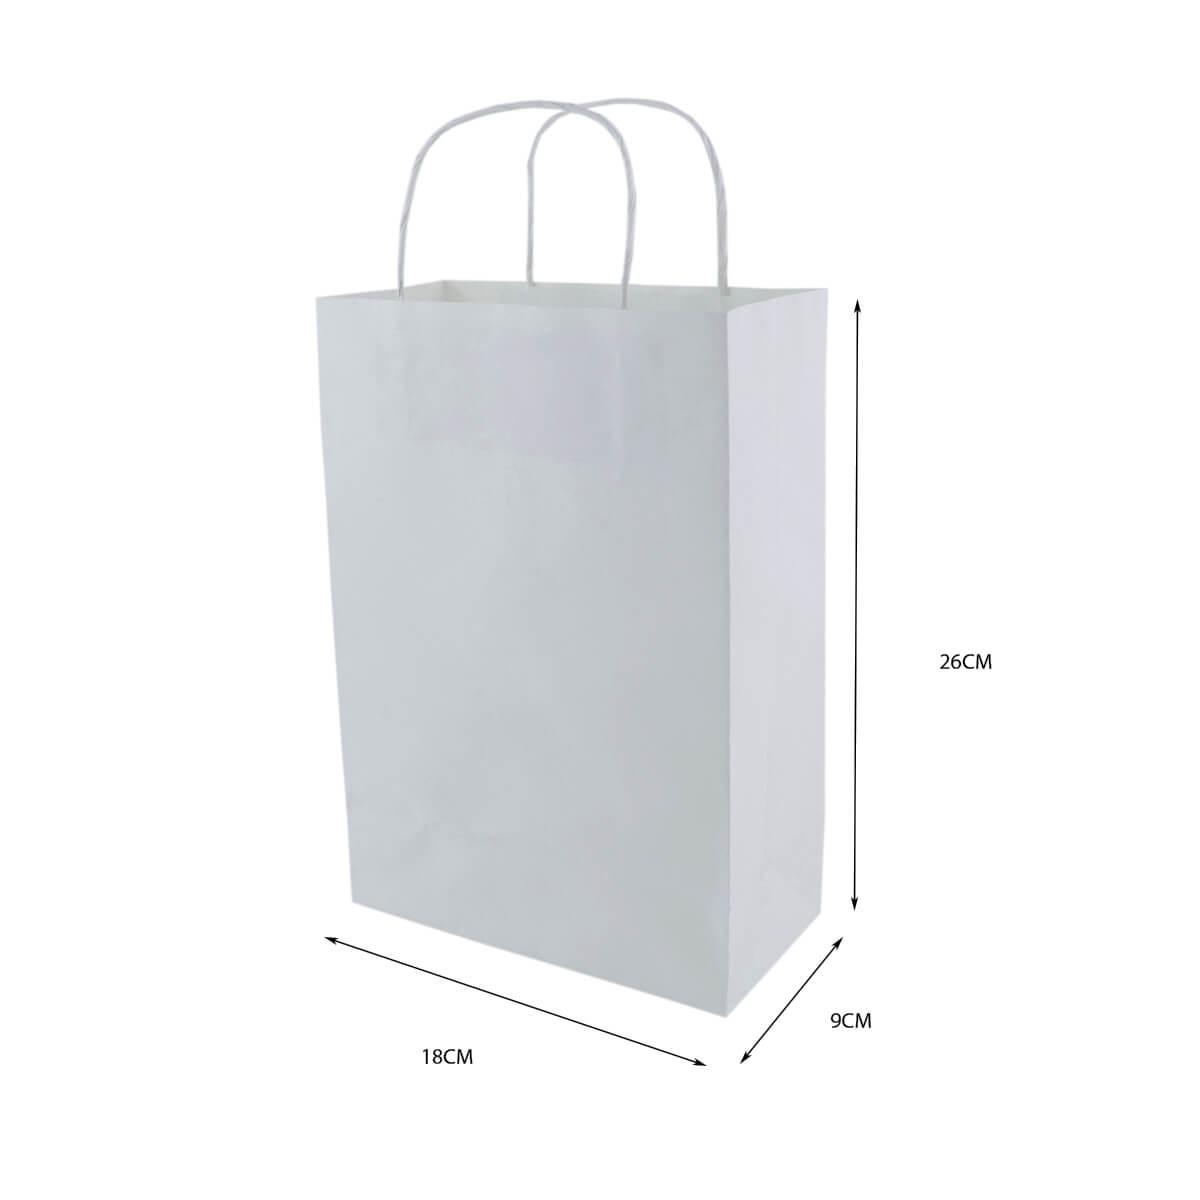 Sacola Branca Pequena 26x18x9 - 200 Unidades